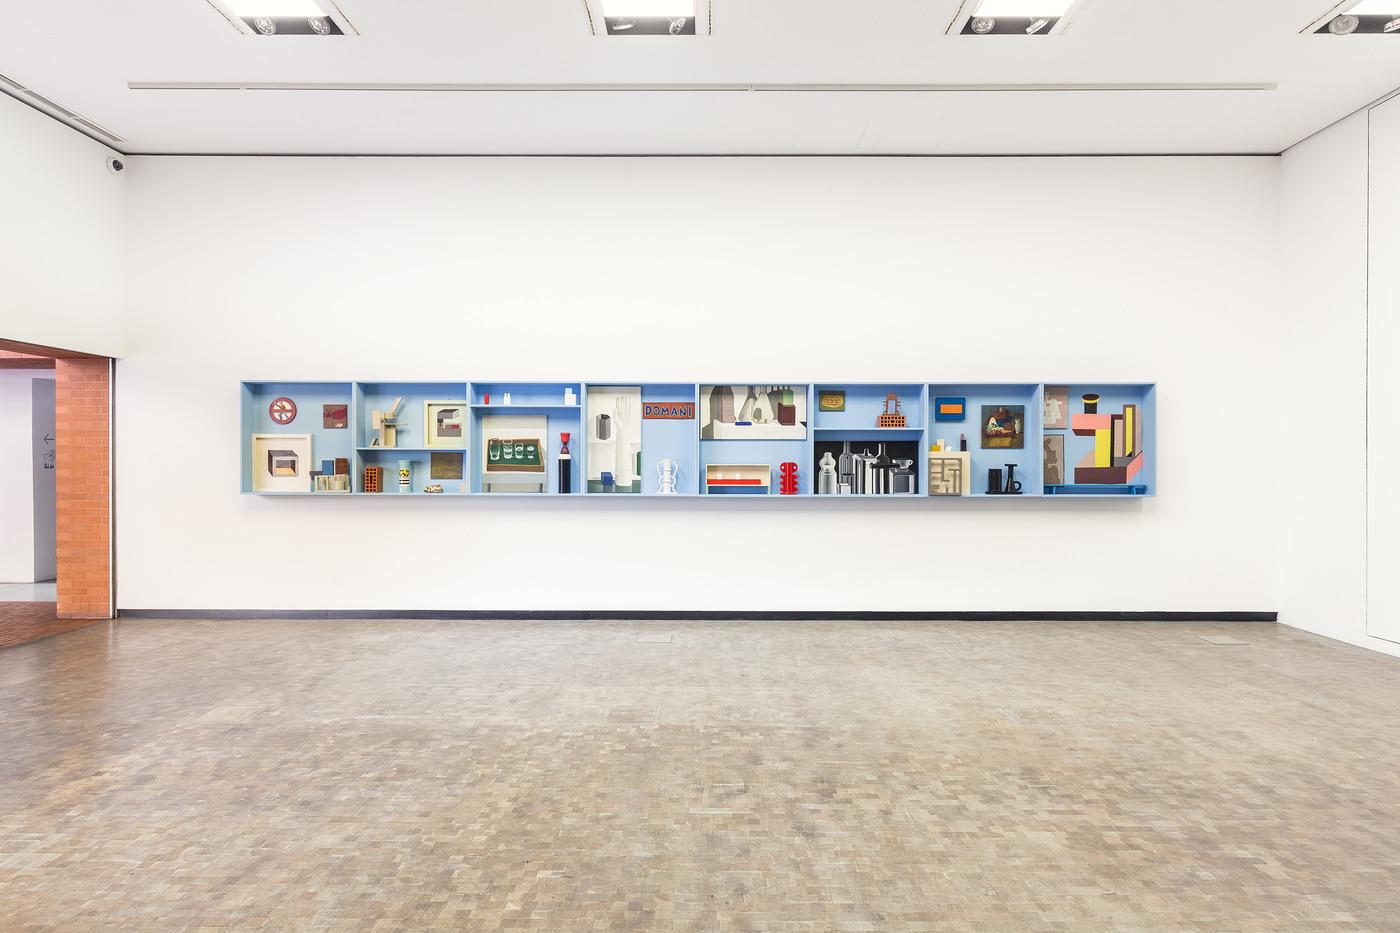 4_Ausstellungsansicht_Nathalie-Du-Pasquier_Delfino-Sisto-Legnani